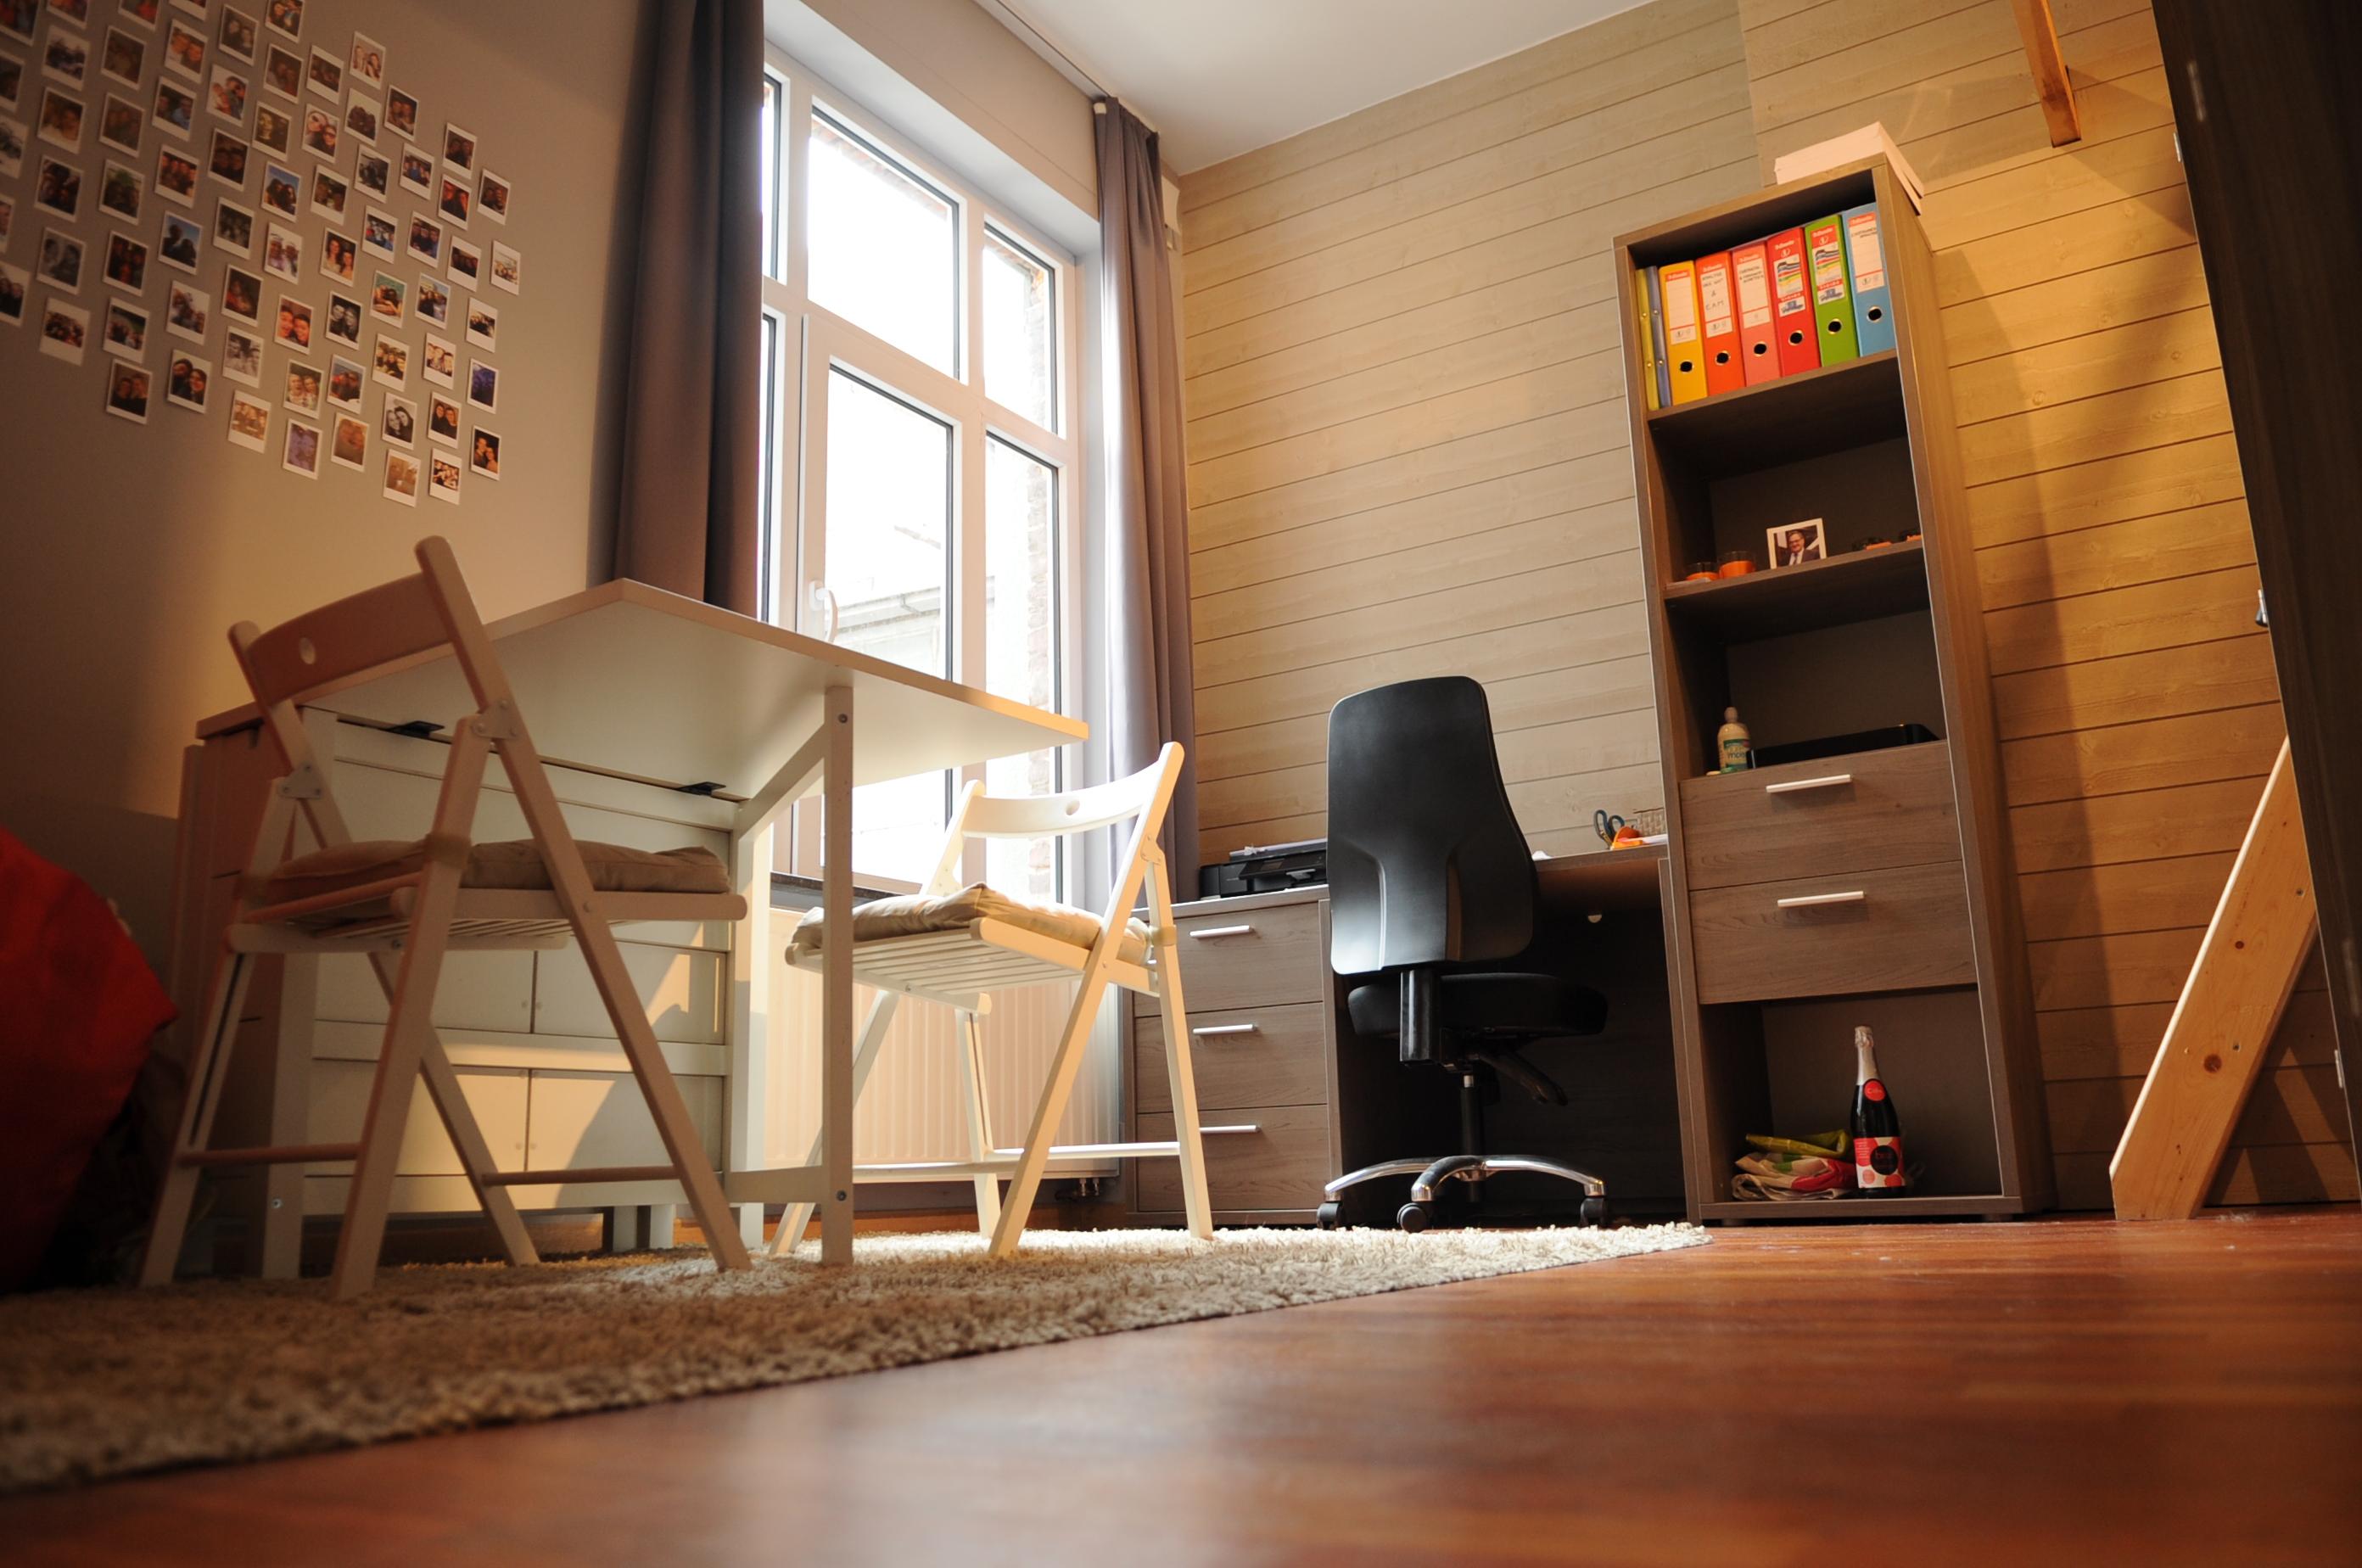 DB5-0102 - bureau en eethoek